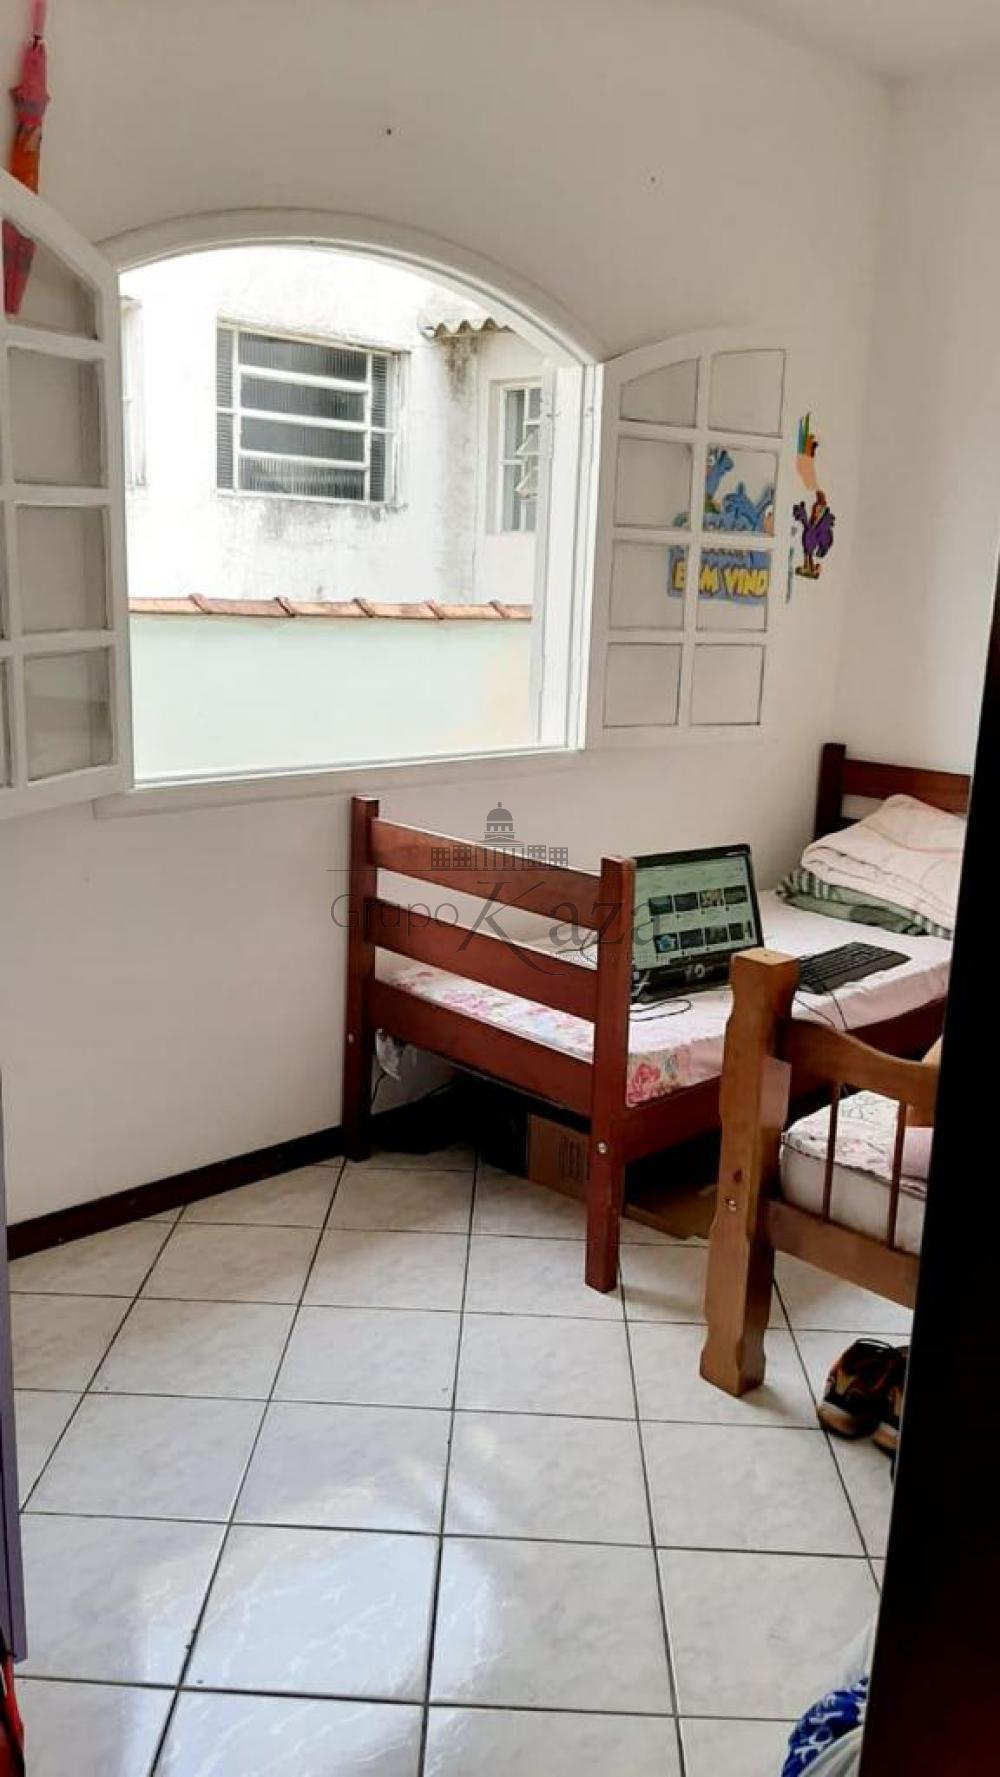 alt='Comprar Casa / Padrão em São José dos Campos R$ 320.000,00 - Foto 15' title='Comprar Casa / Padrão em São José dos Campos R$ 320.000,00 - Foto 15'